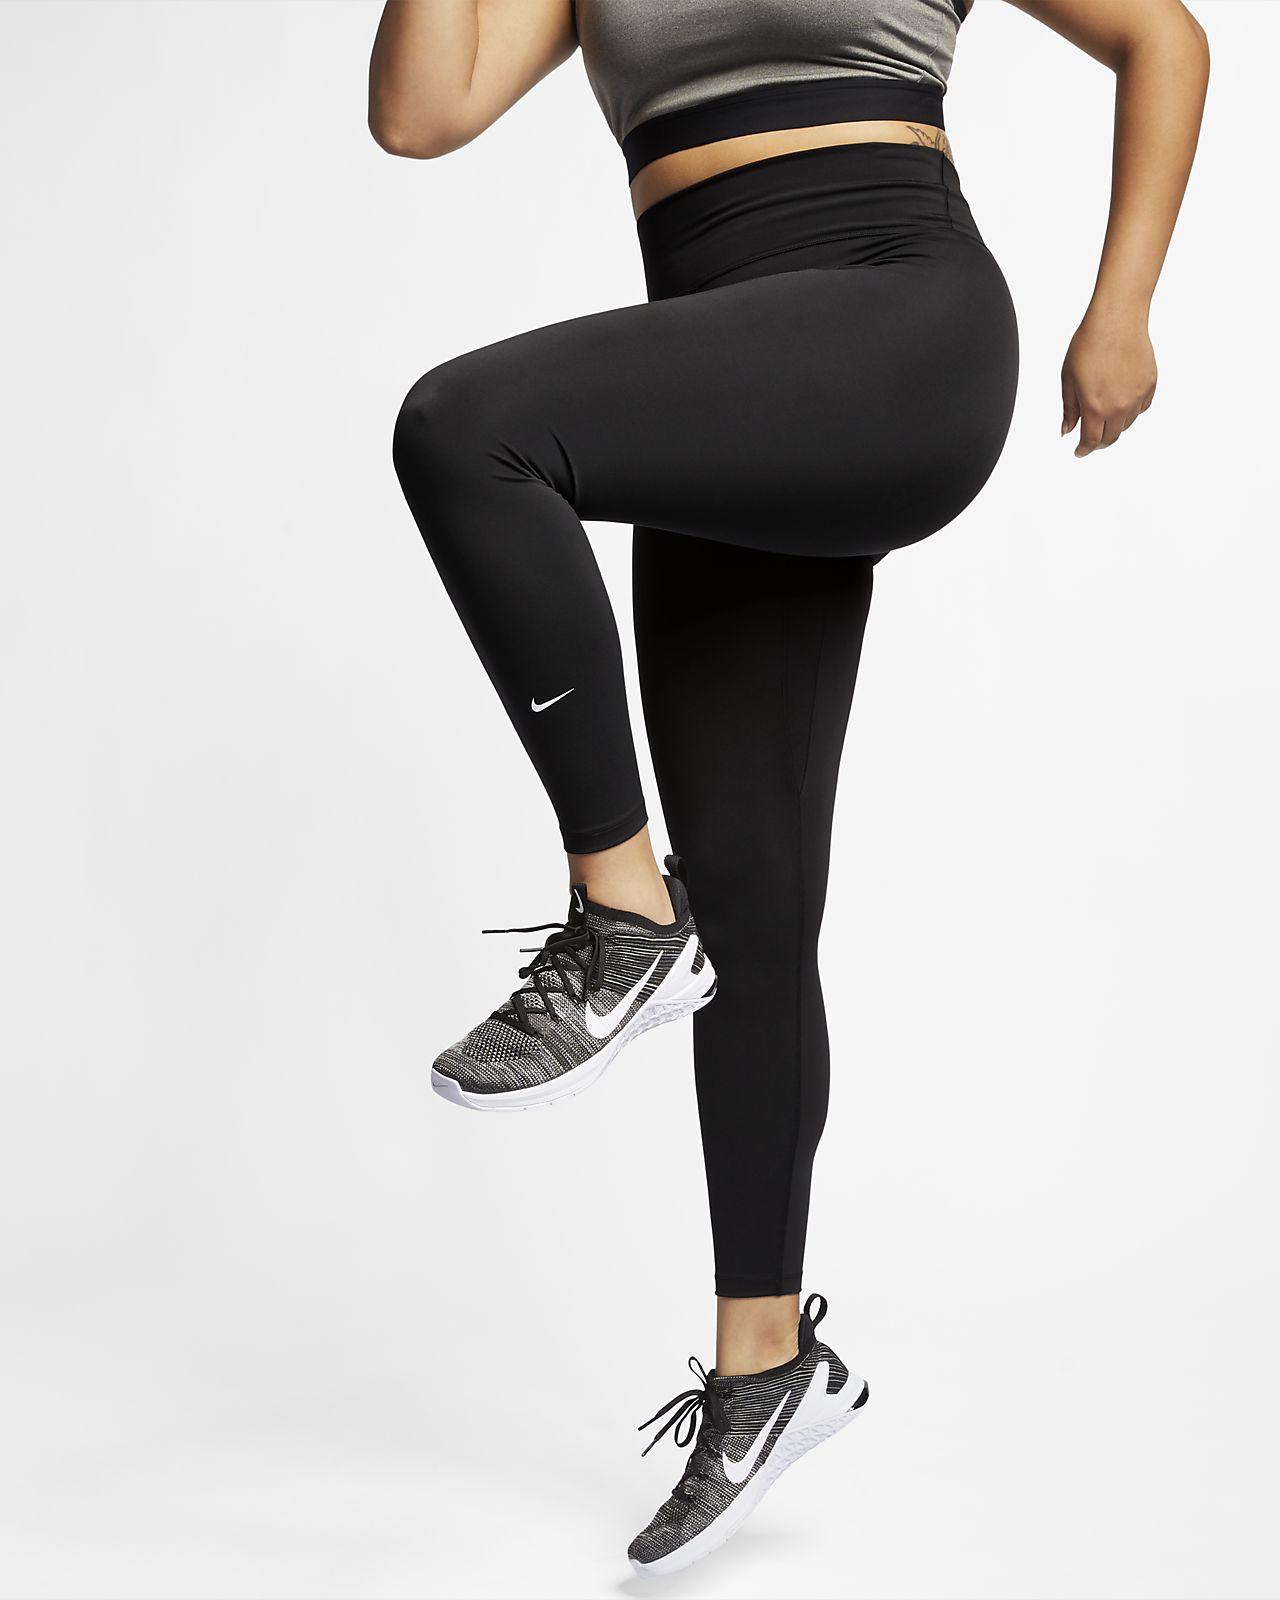 Legginsy damskie Nike One (duże rozmiary)